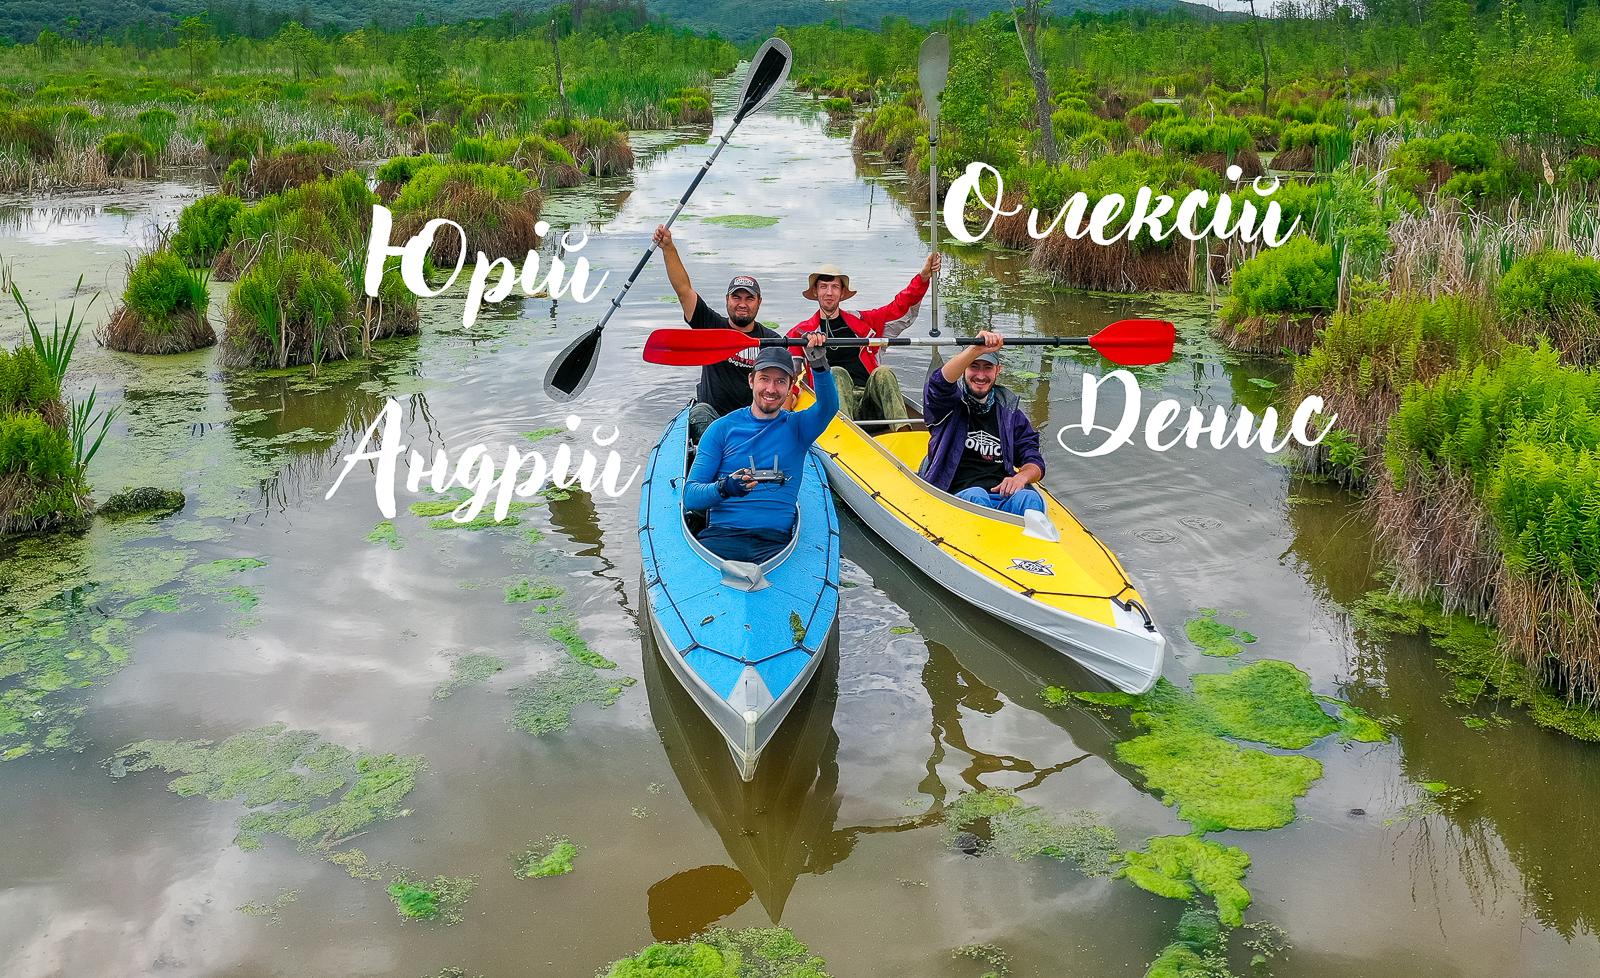 сплав Ірдинь природа спорт екстрим болото річка